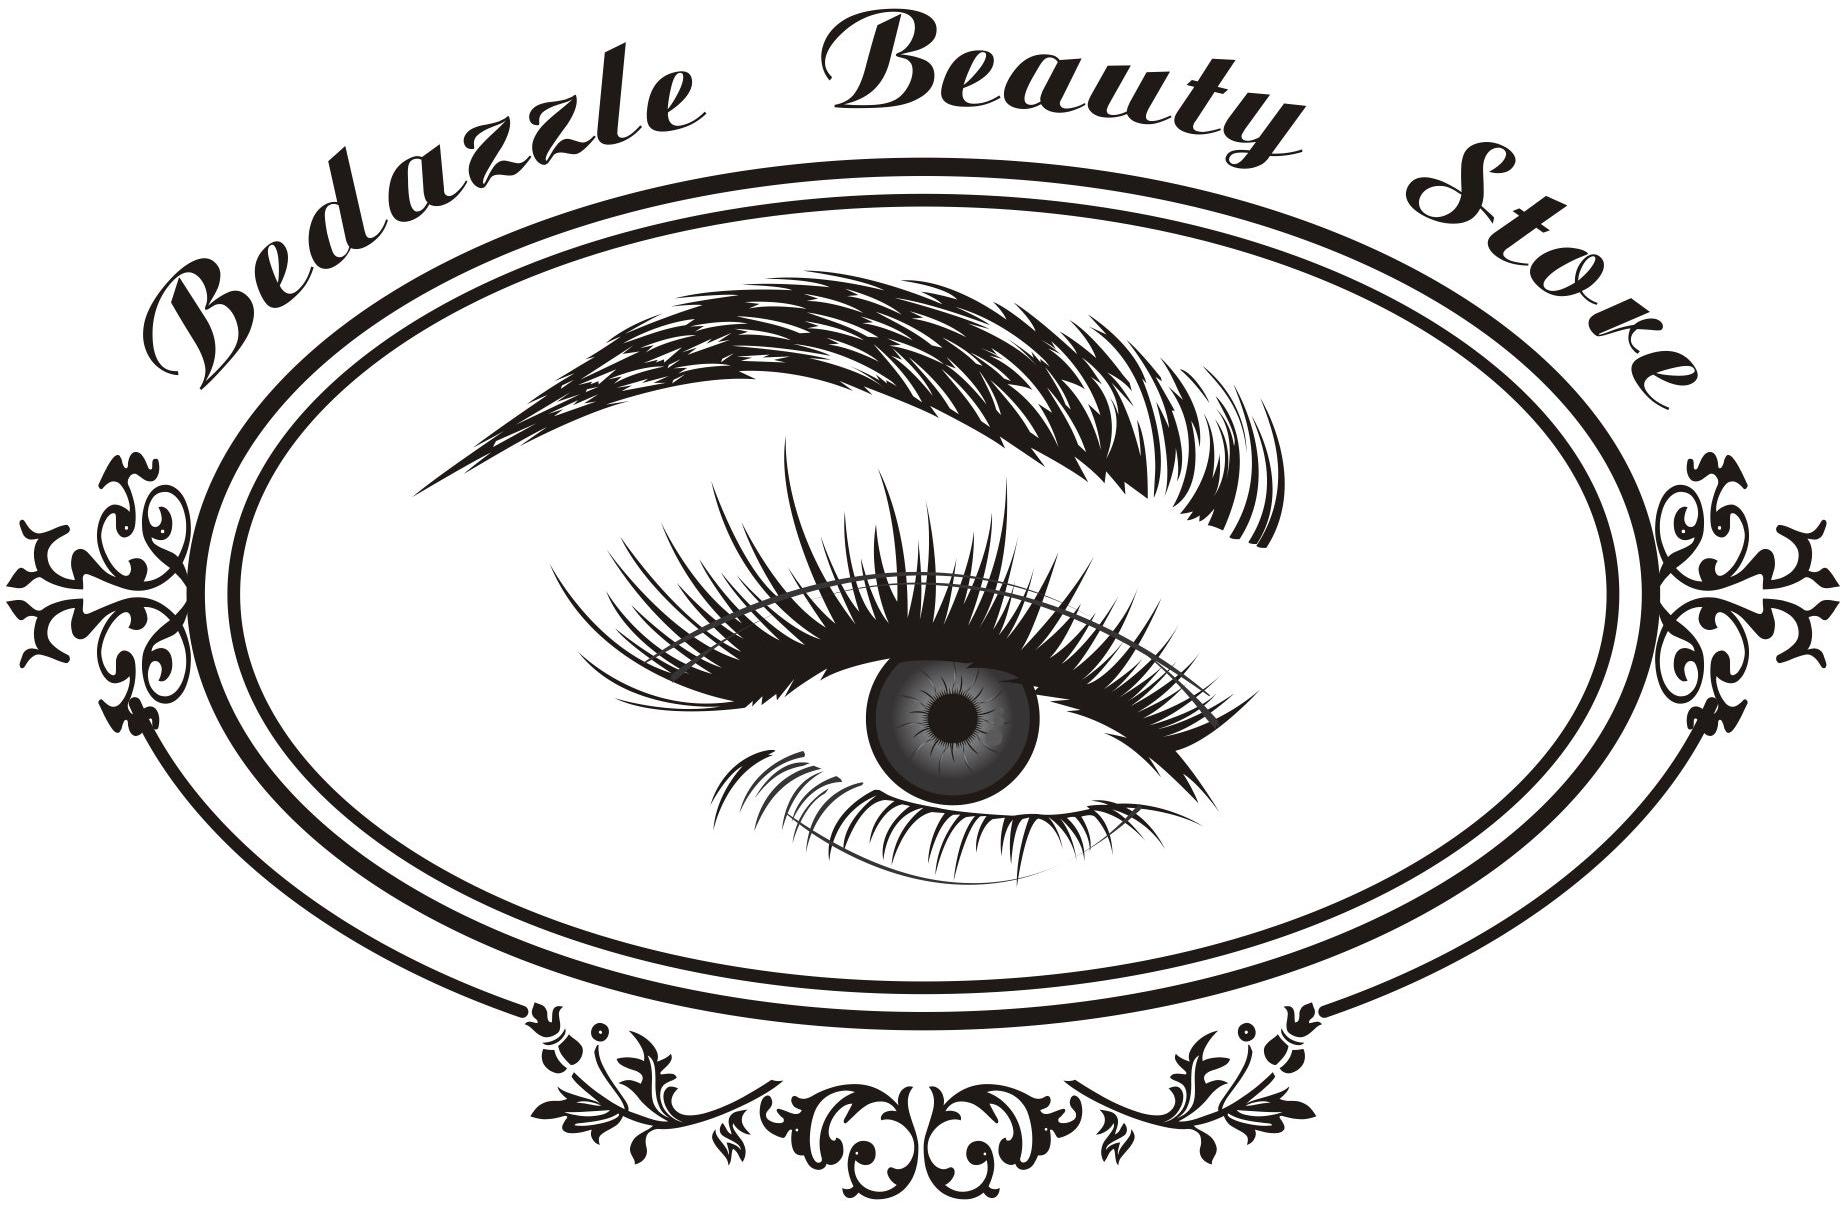 Logo Bedazzle